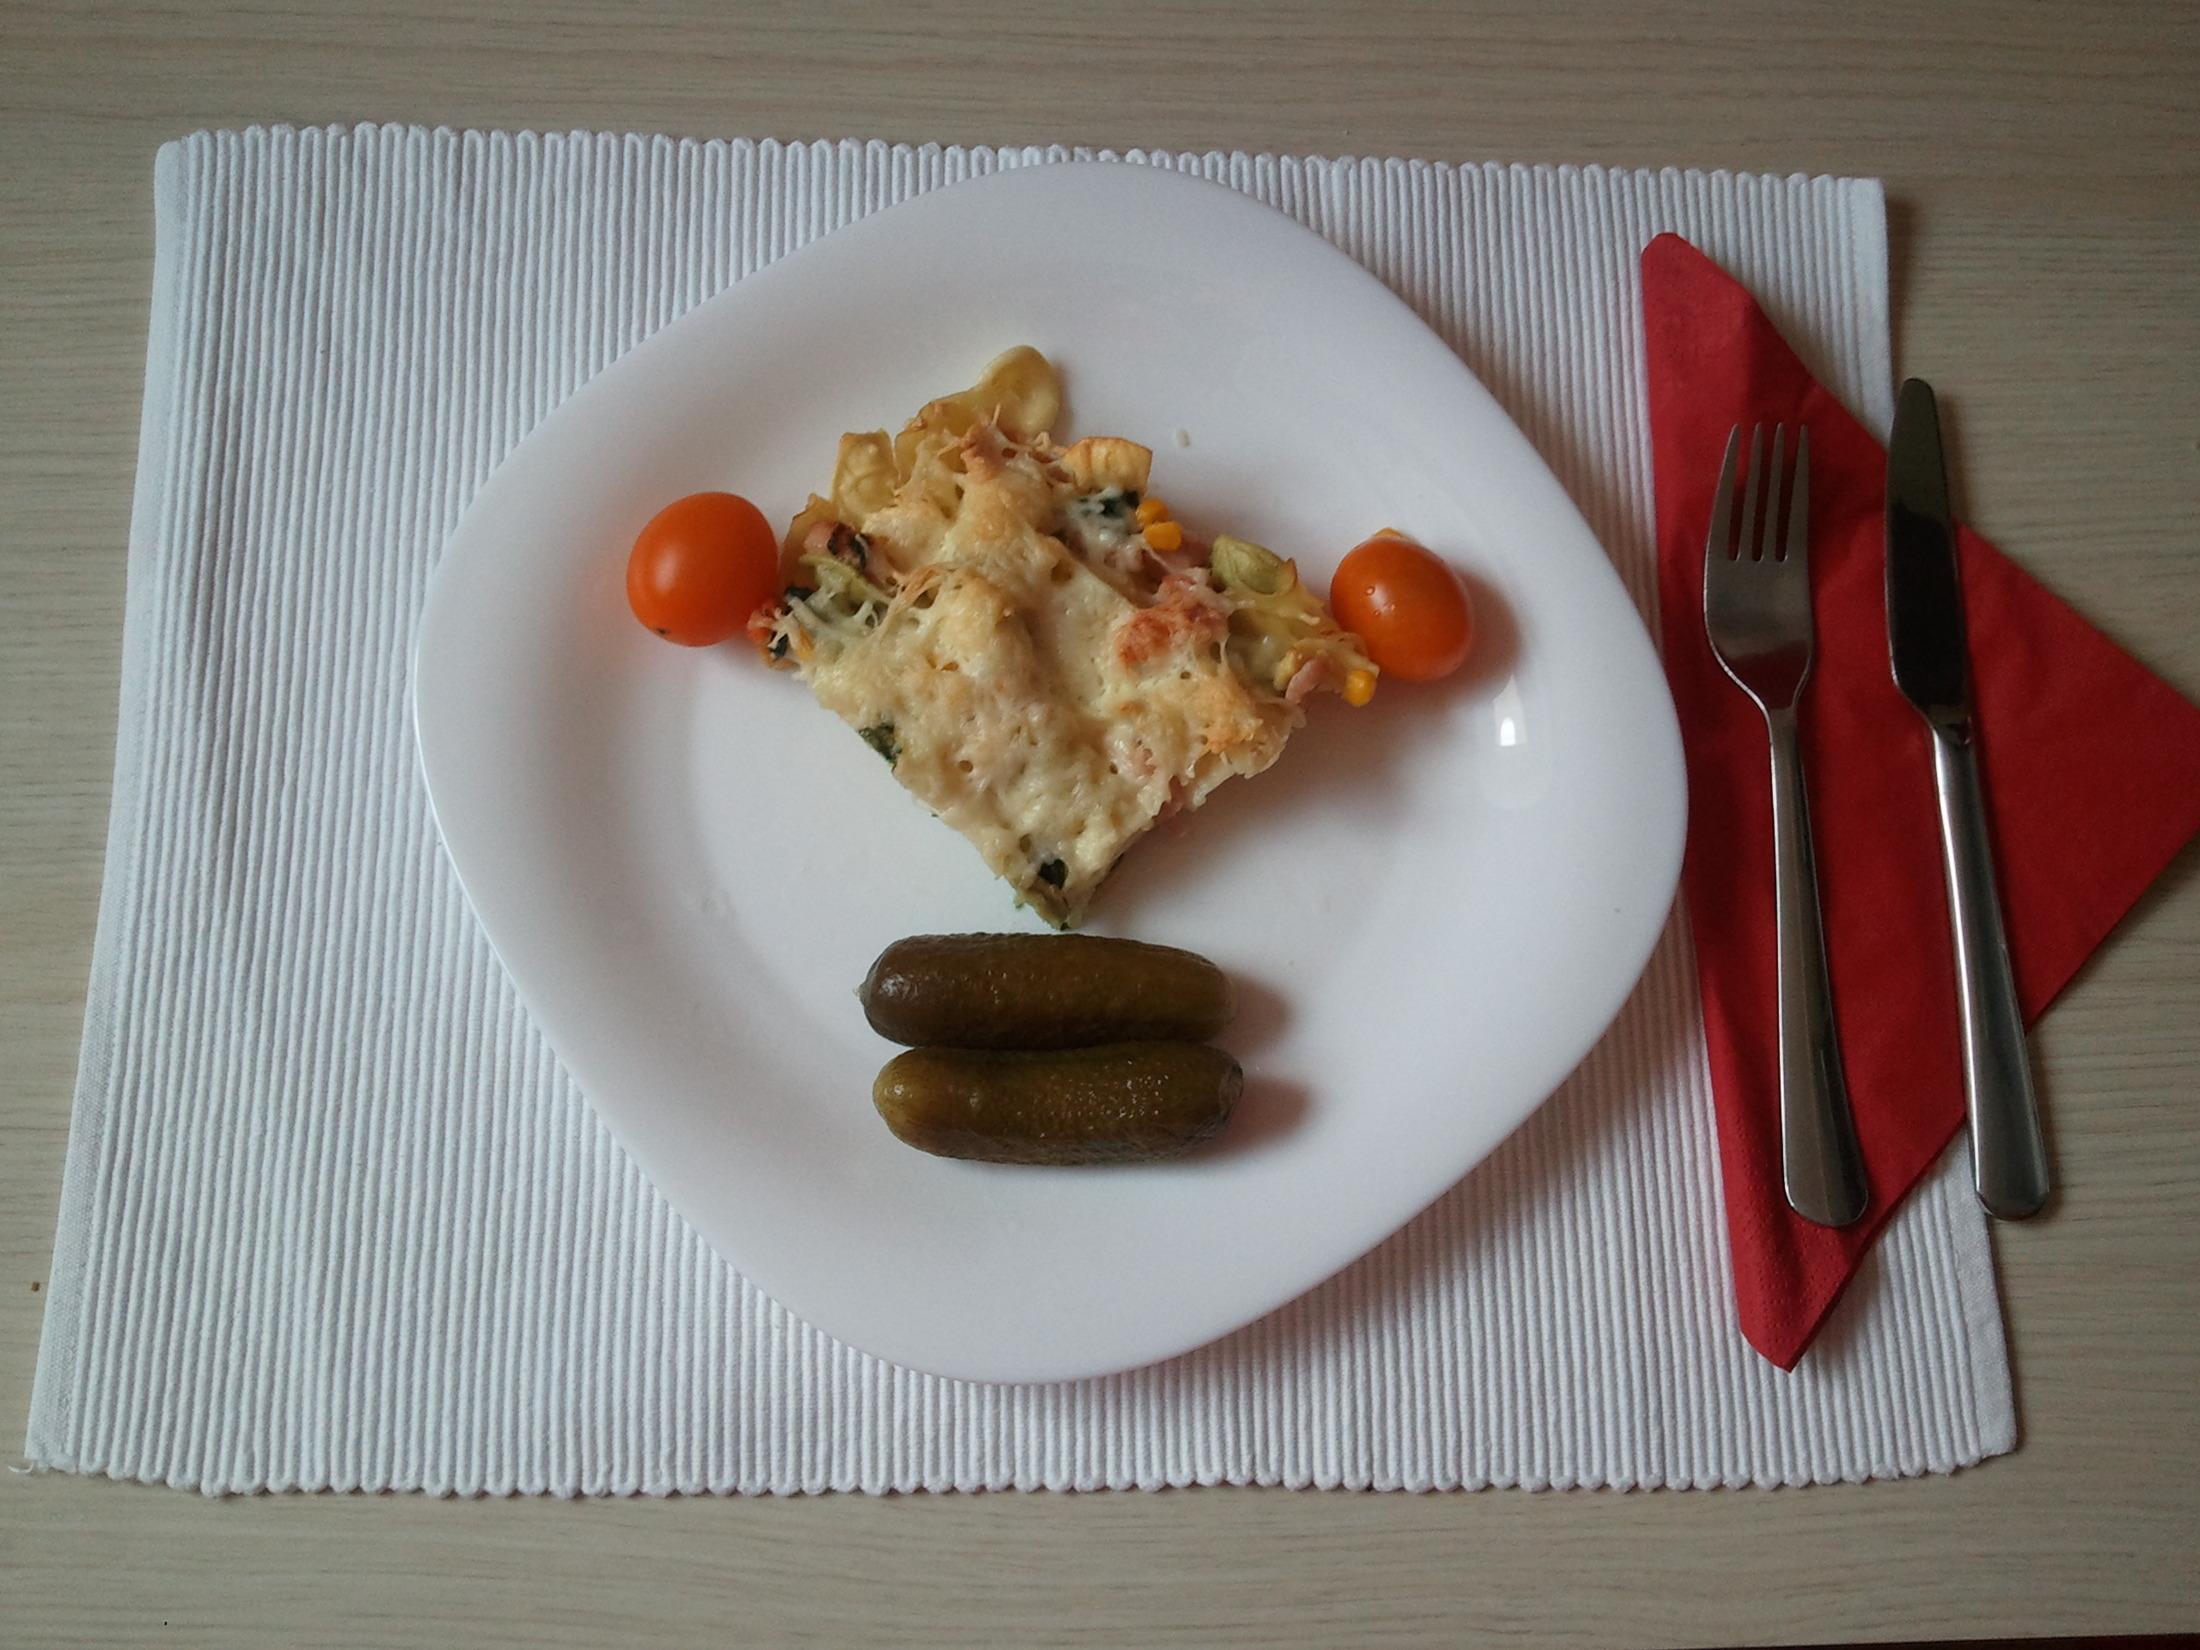 Fotografie receptu: Zapečené barevné těstoviny se sýrem